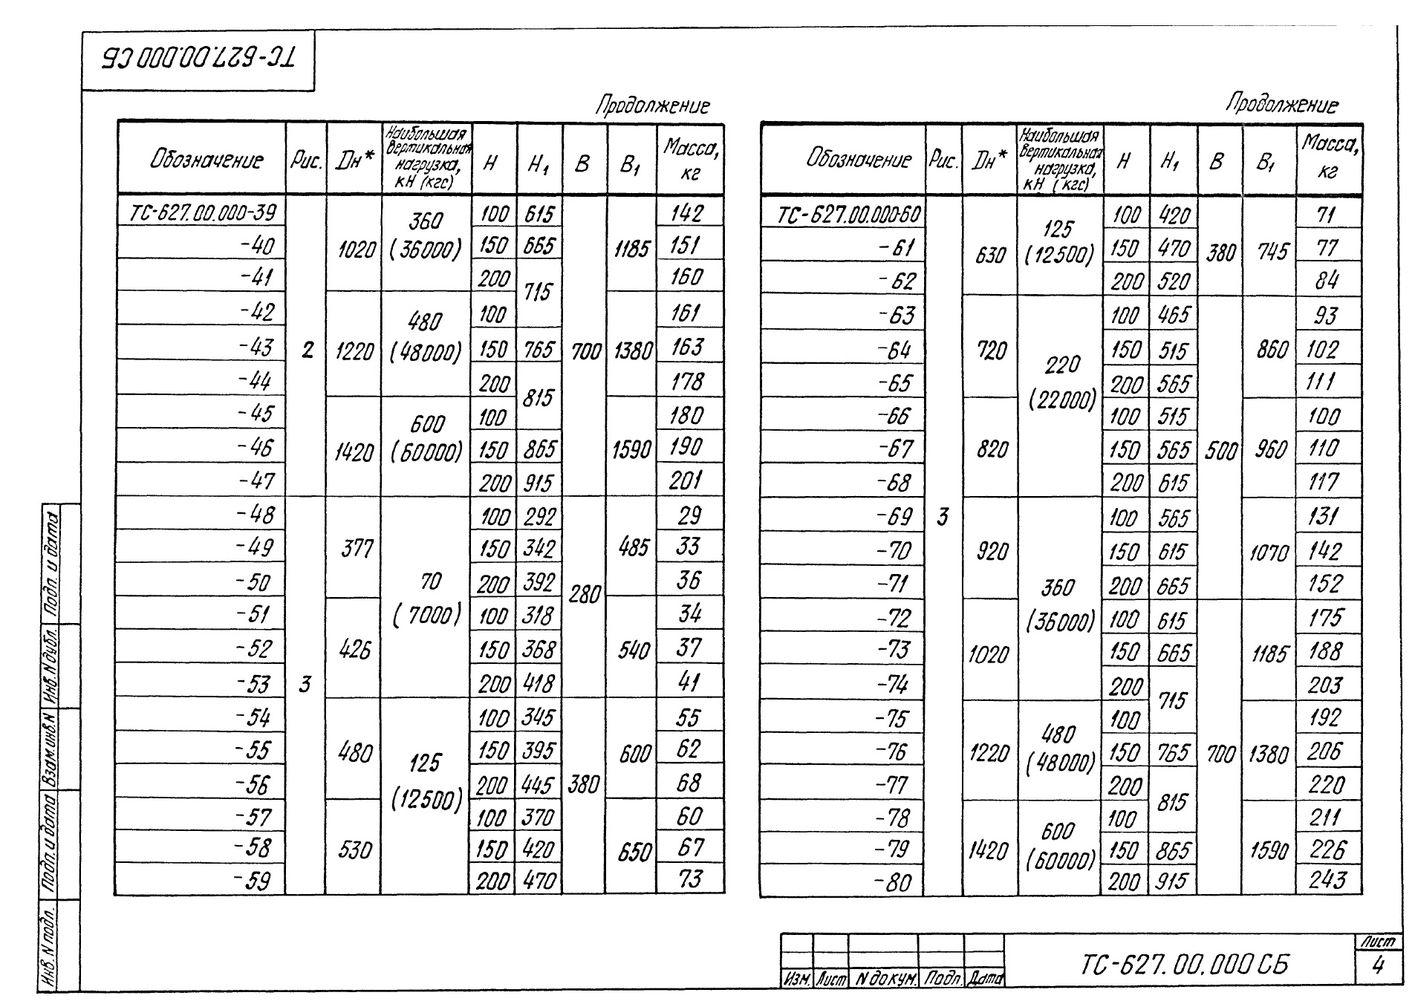 Опора скользящая бугельная ТС-627.00.000 серия 5.903-13 выпуск 8-95 стр.4